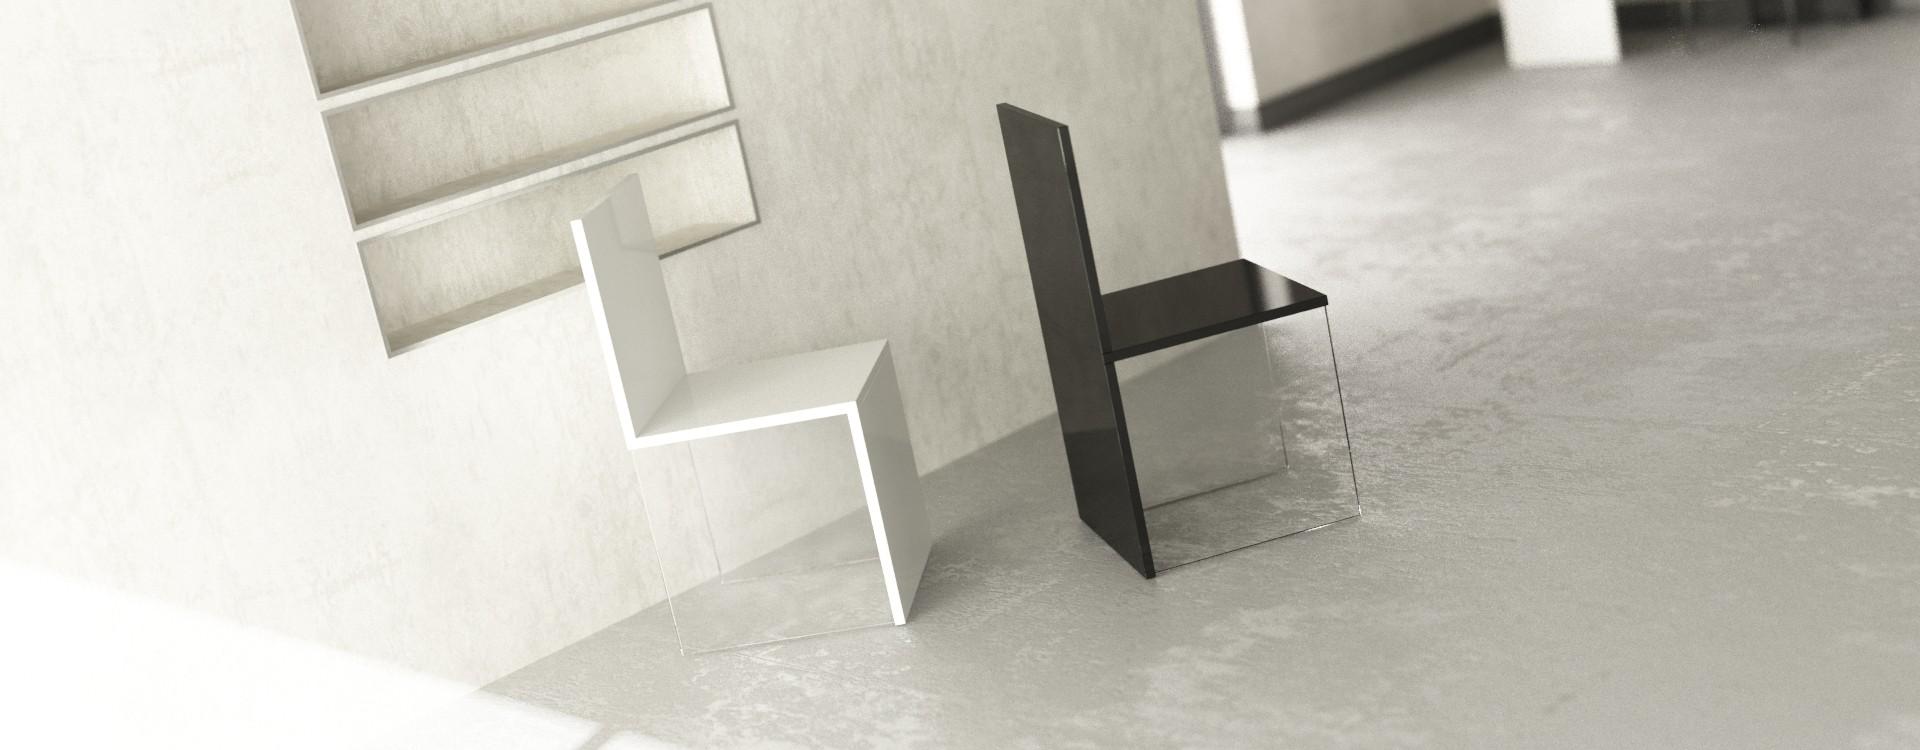 Galer a de sillas magica y magica2 davide conti design for Studio design sillas